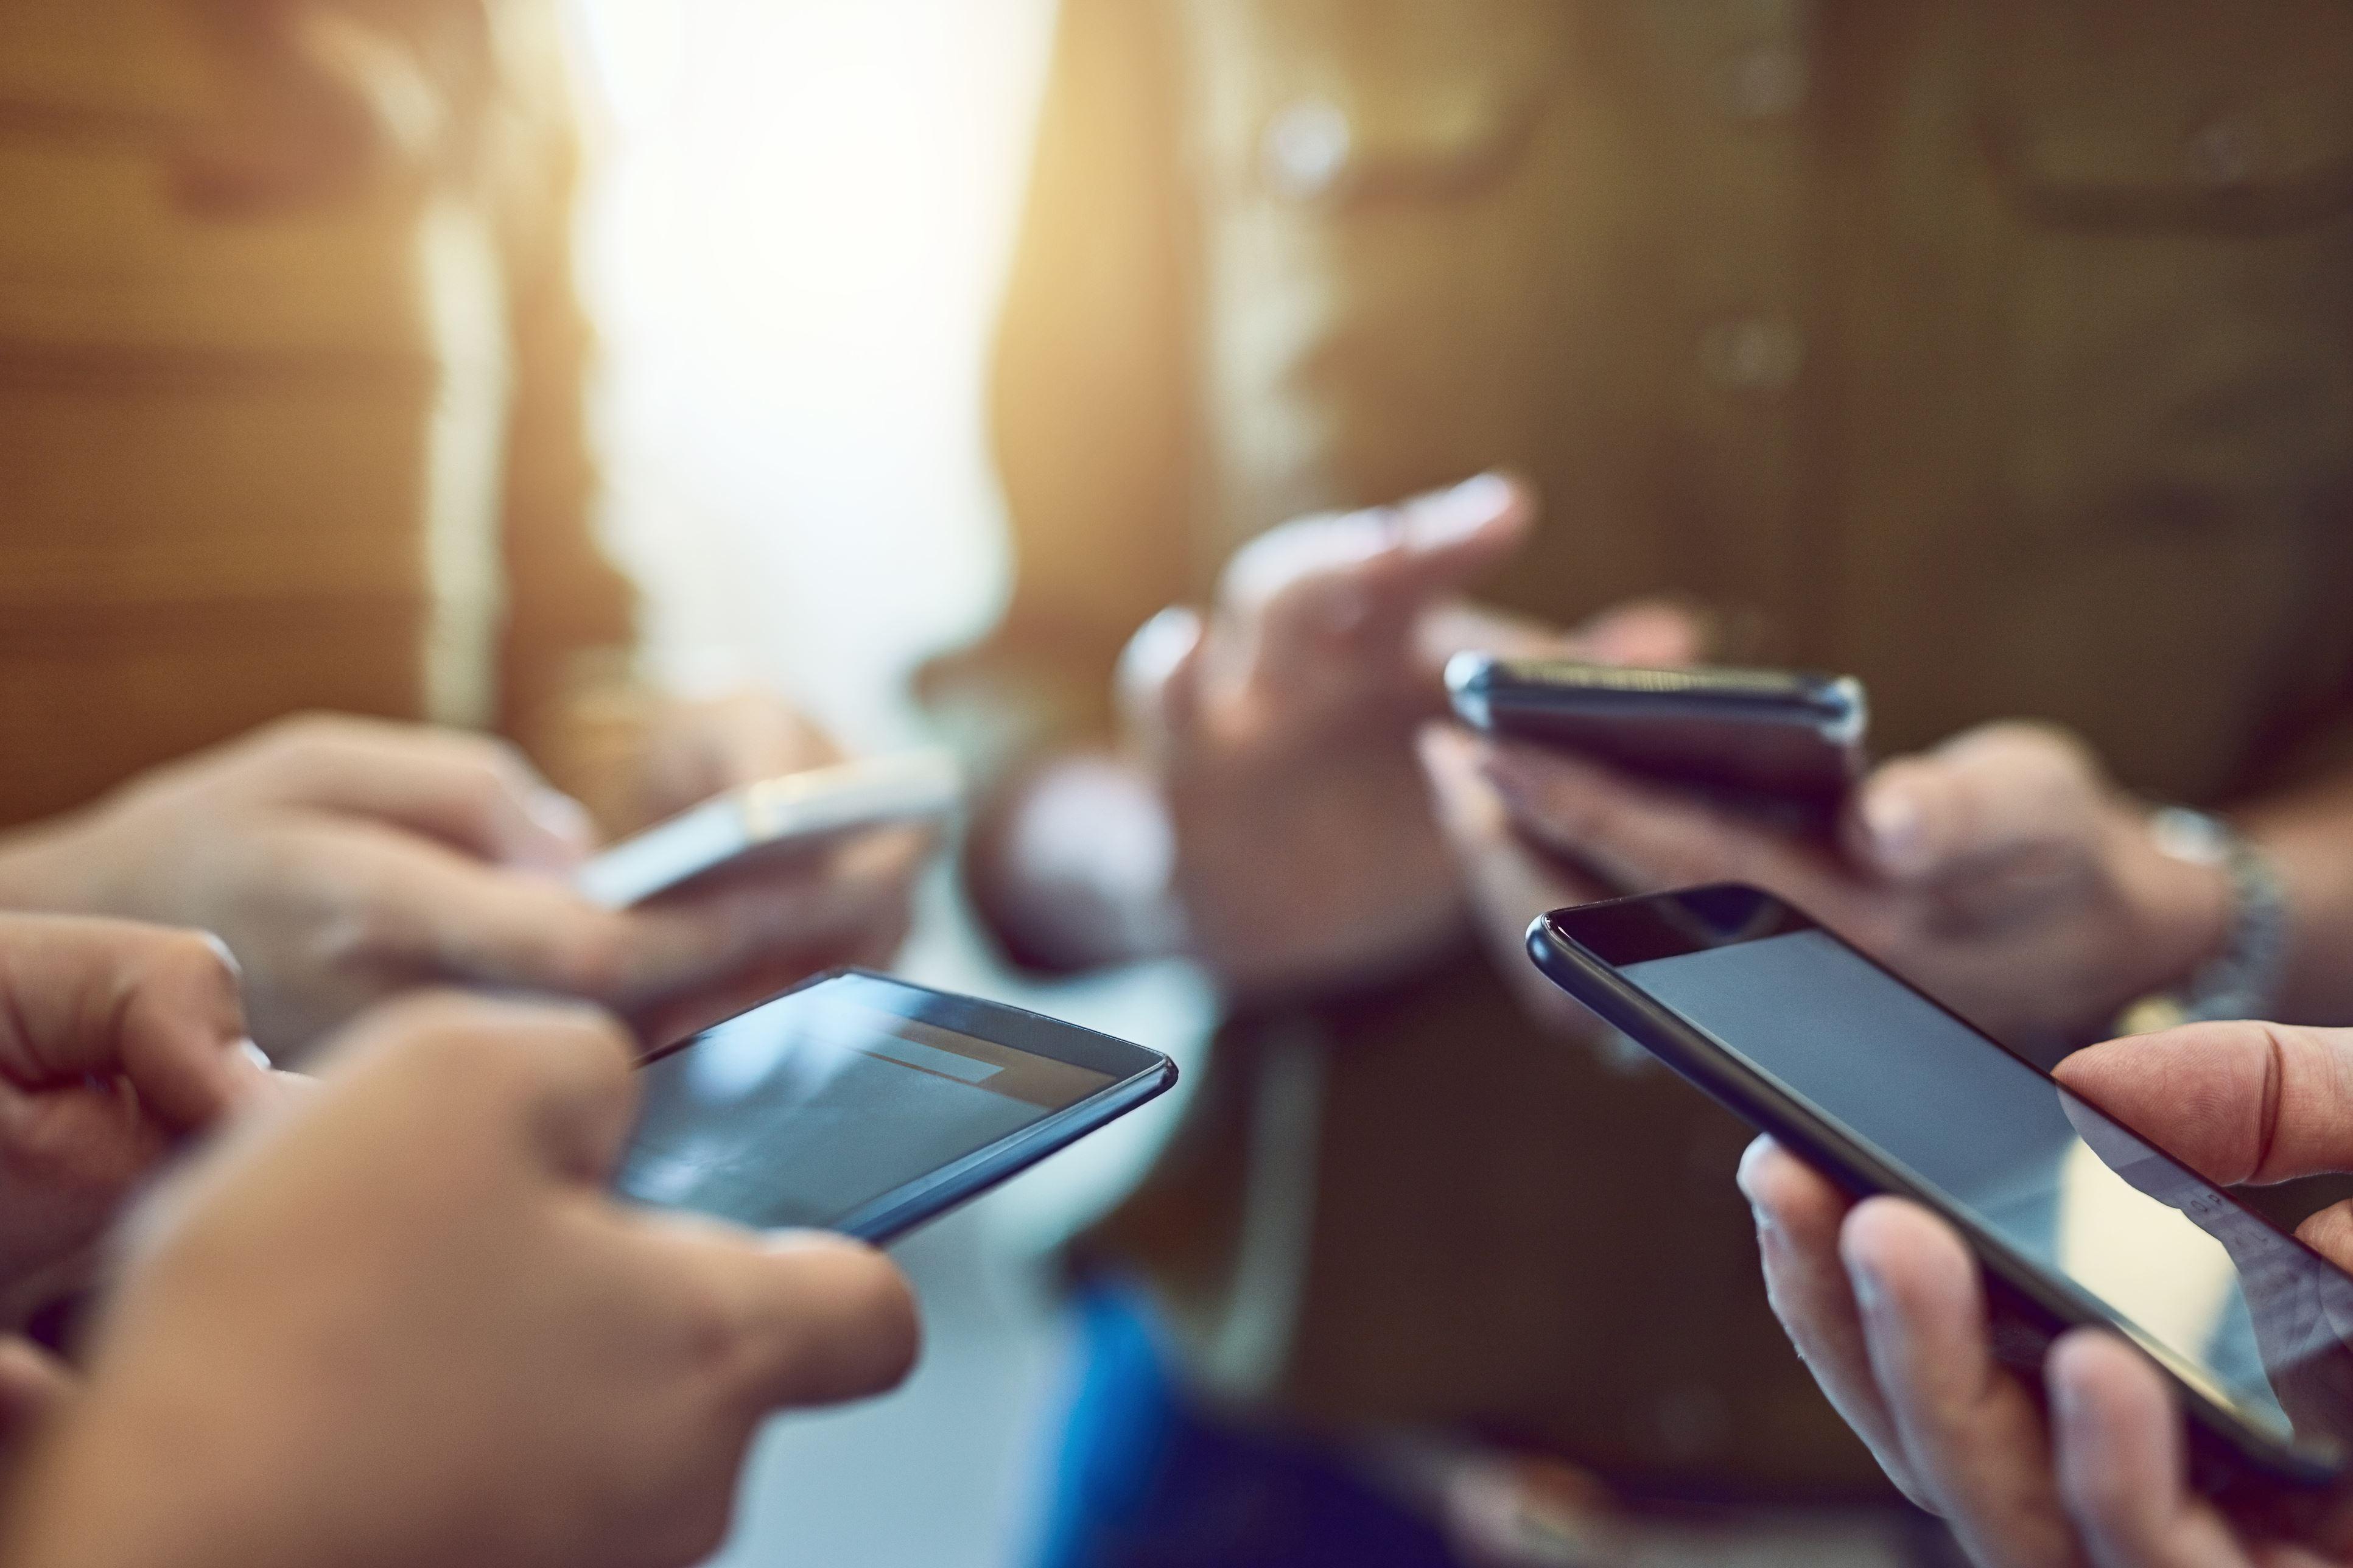 Android: os melhores smartphones para todas as tuas necessidades